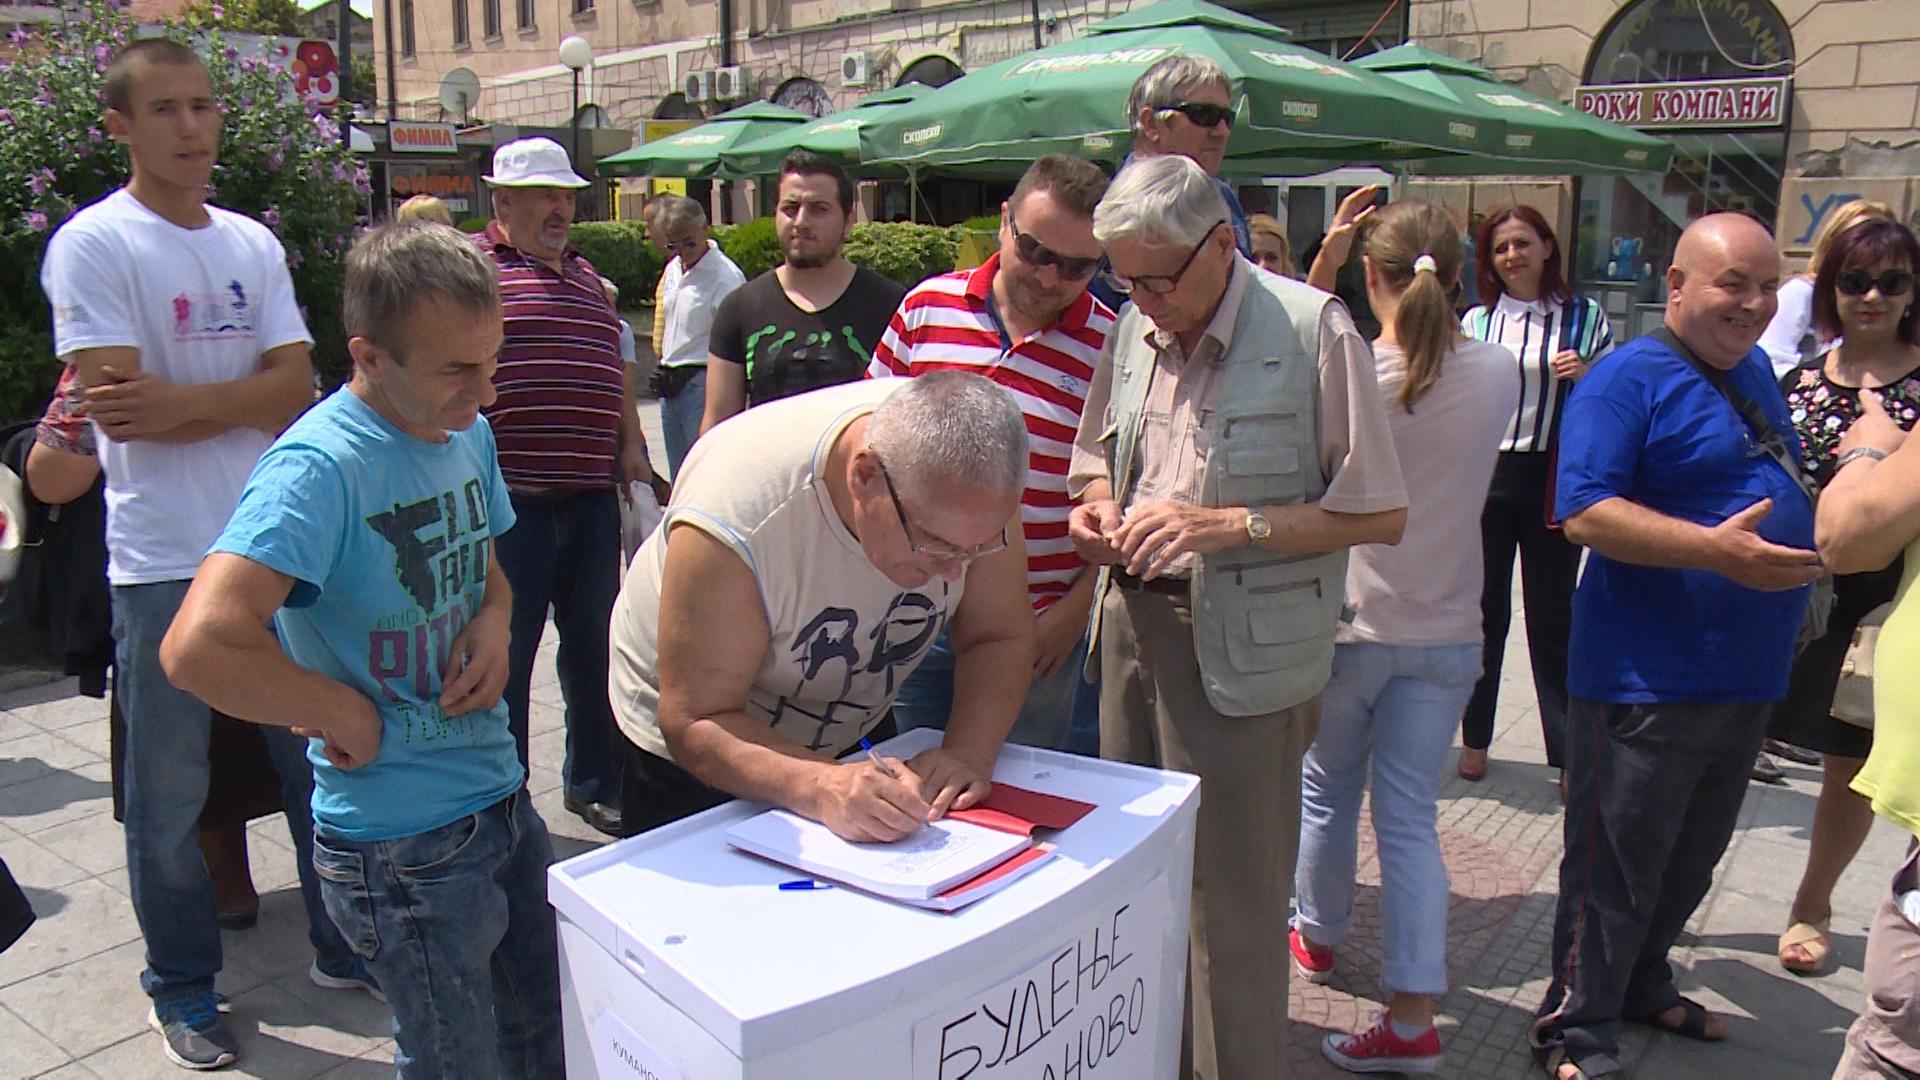 """Иницијативата """"Будење"""" ќе бара референдум во Куманово против интеграцијата на бегалците"""